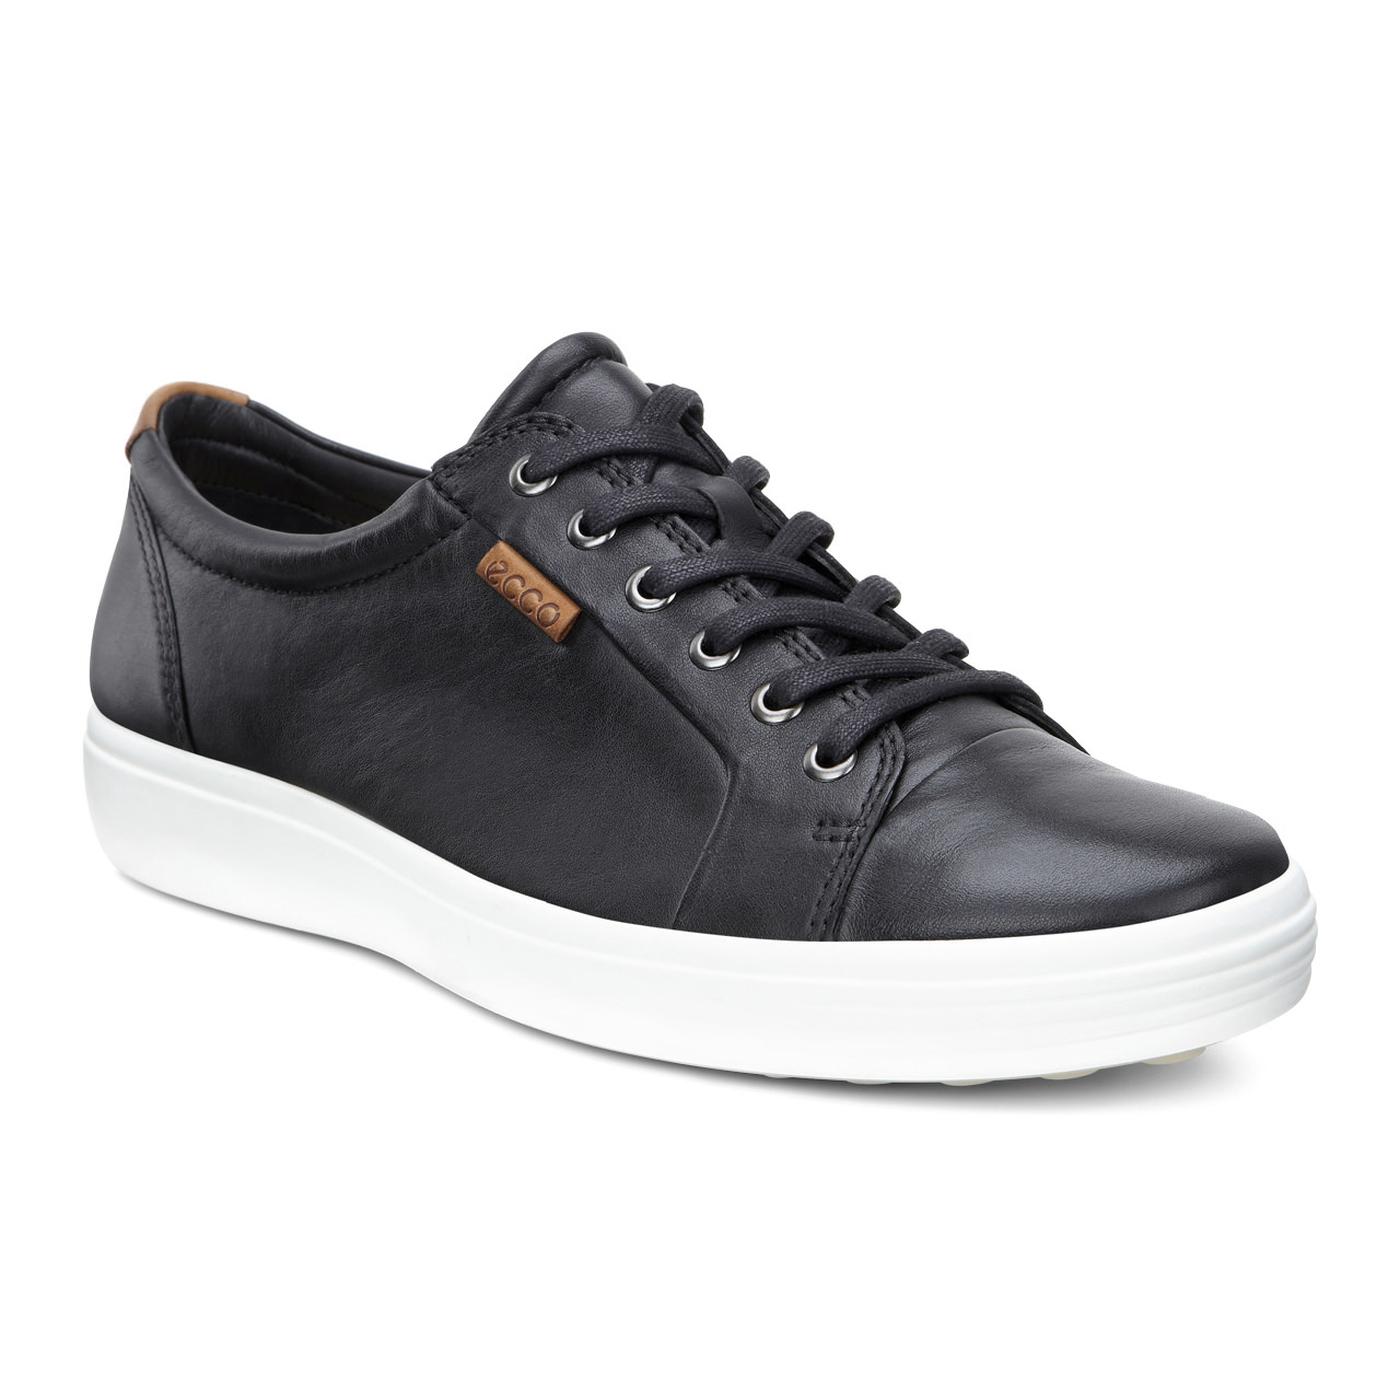 4189a9abe9 ECCO Men's Soft 7 Sneaker Black